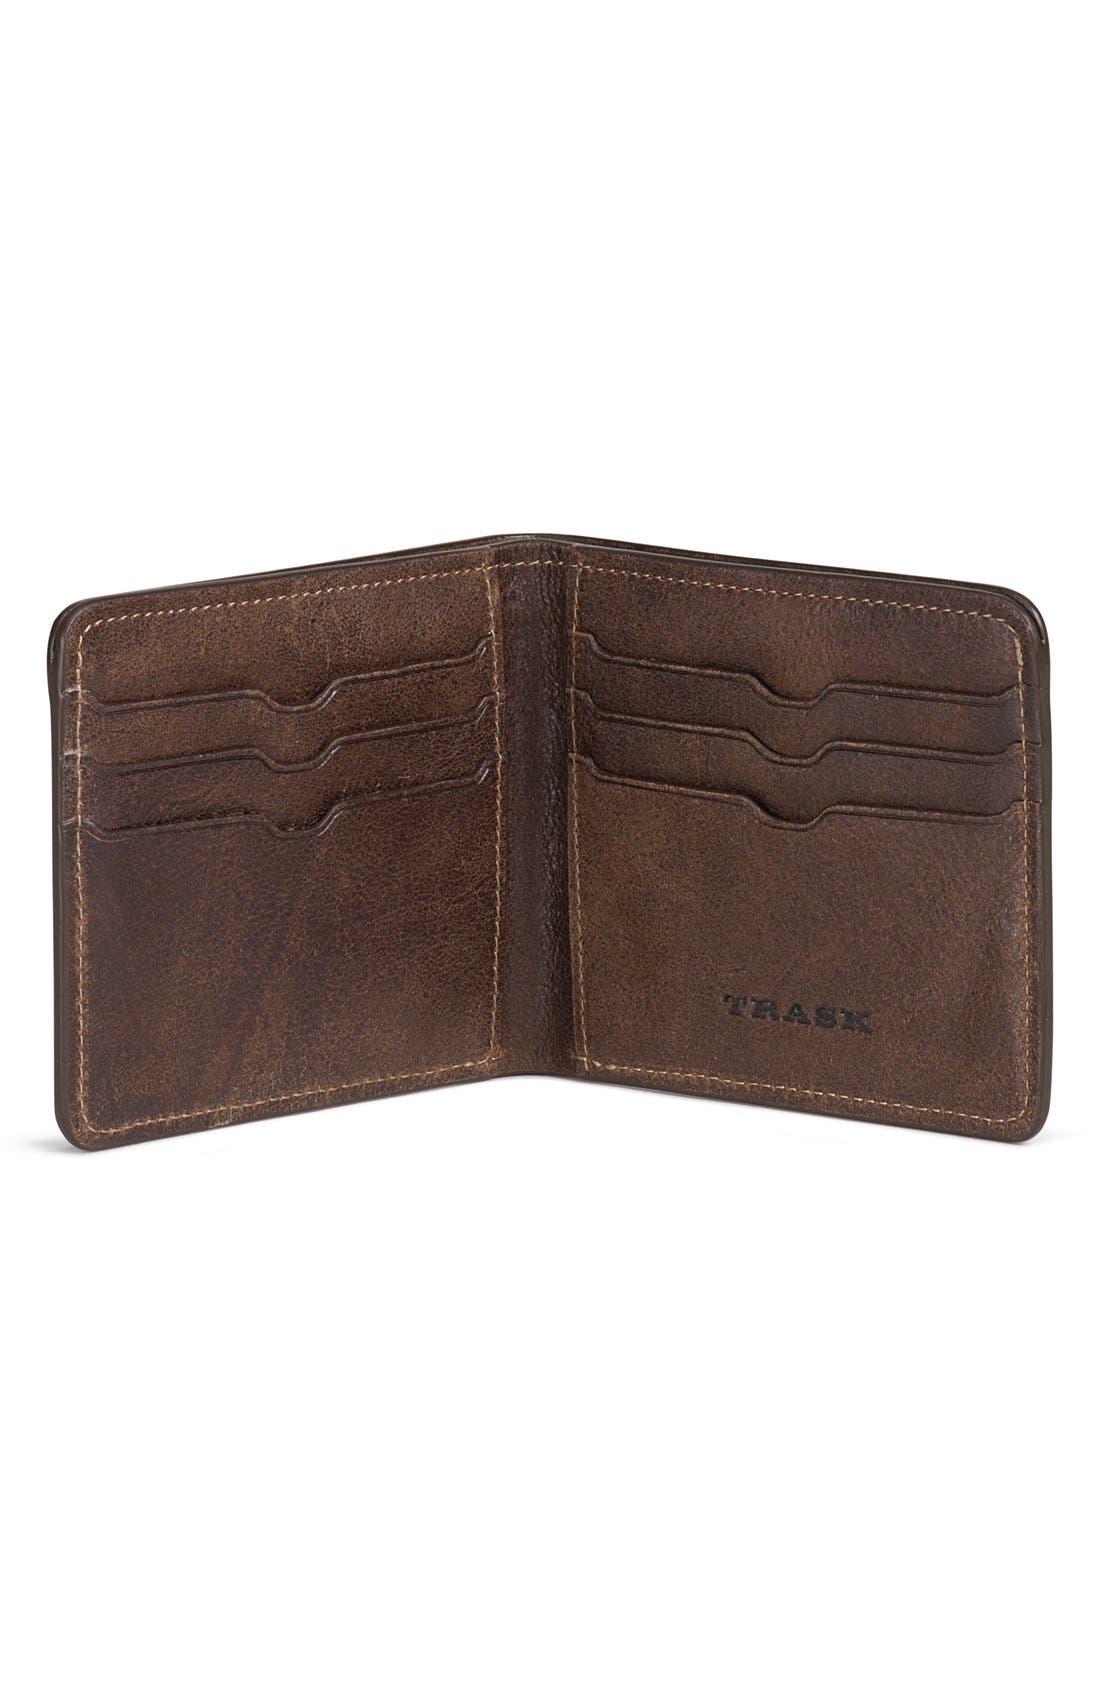 'Jackson' Slimfold Bison Leather Wallet,                             Alternate thumbnail 2, color,                             WALNUT